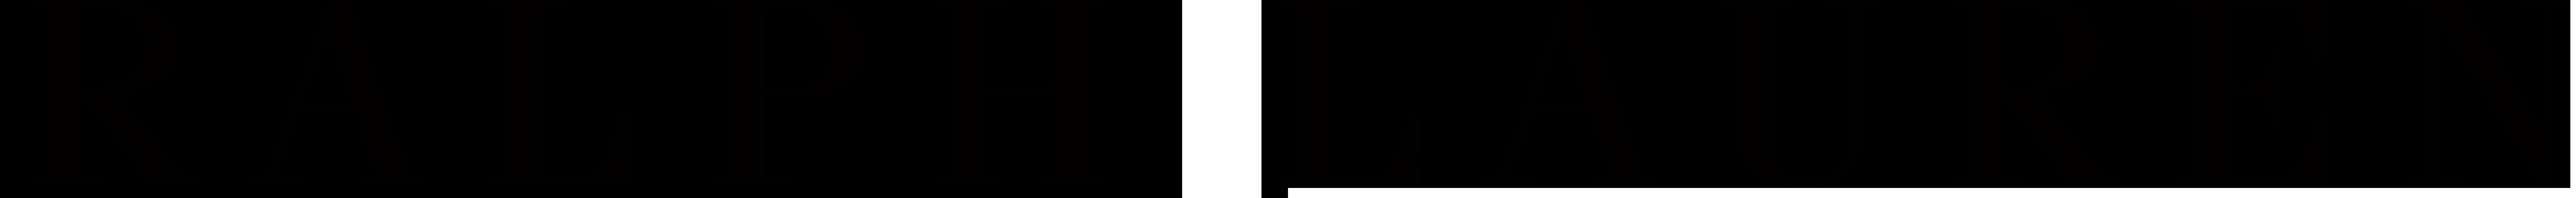 ralph lauren � logos download